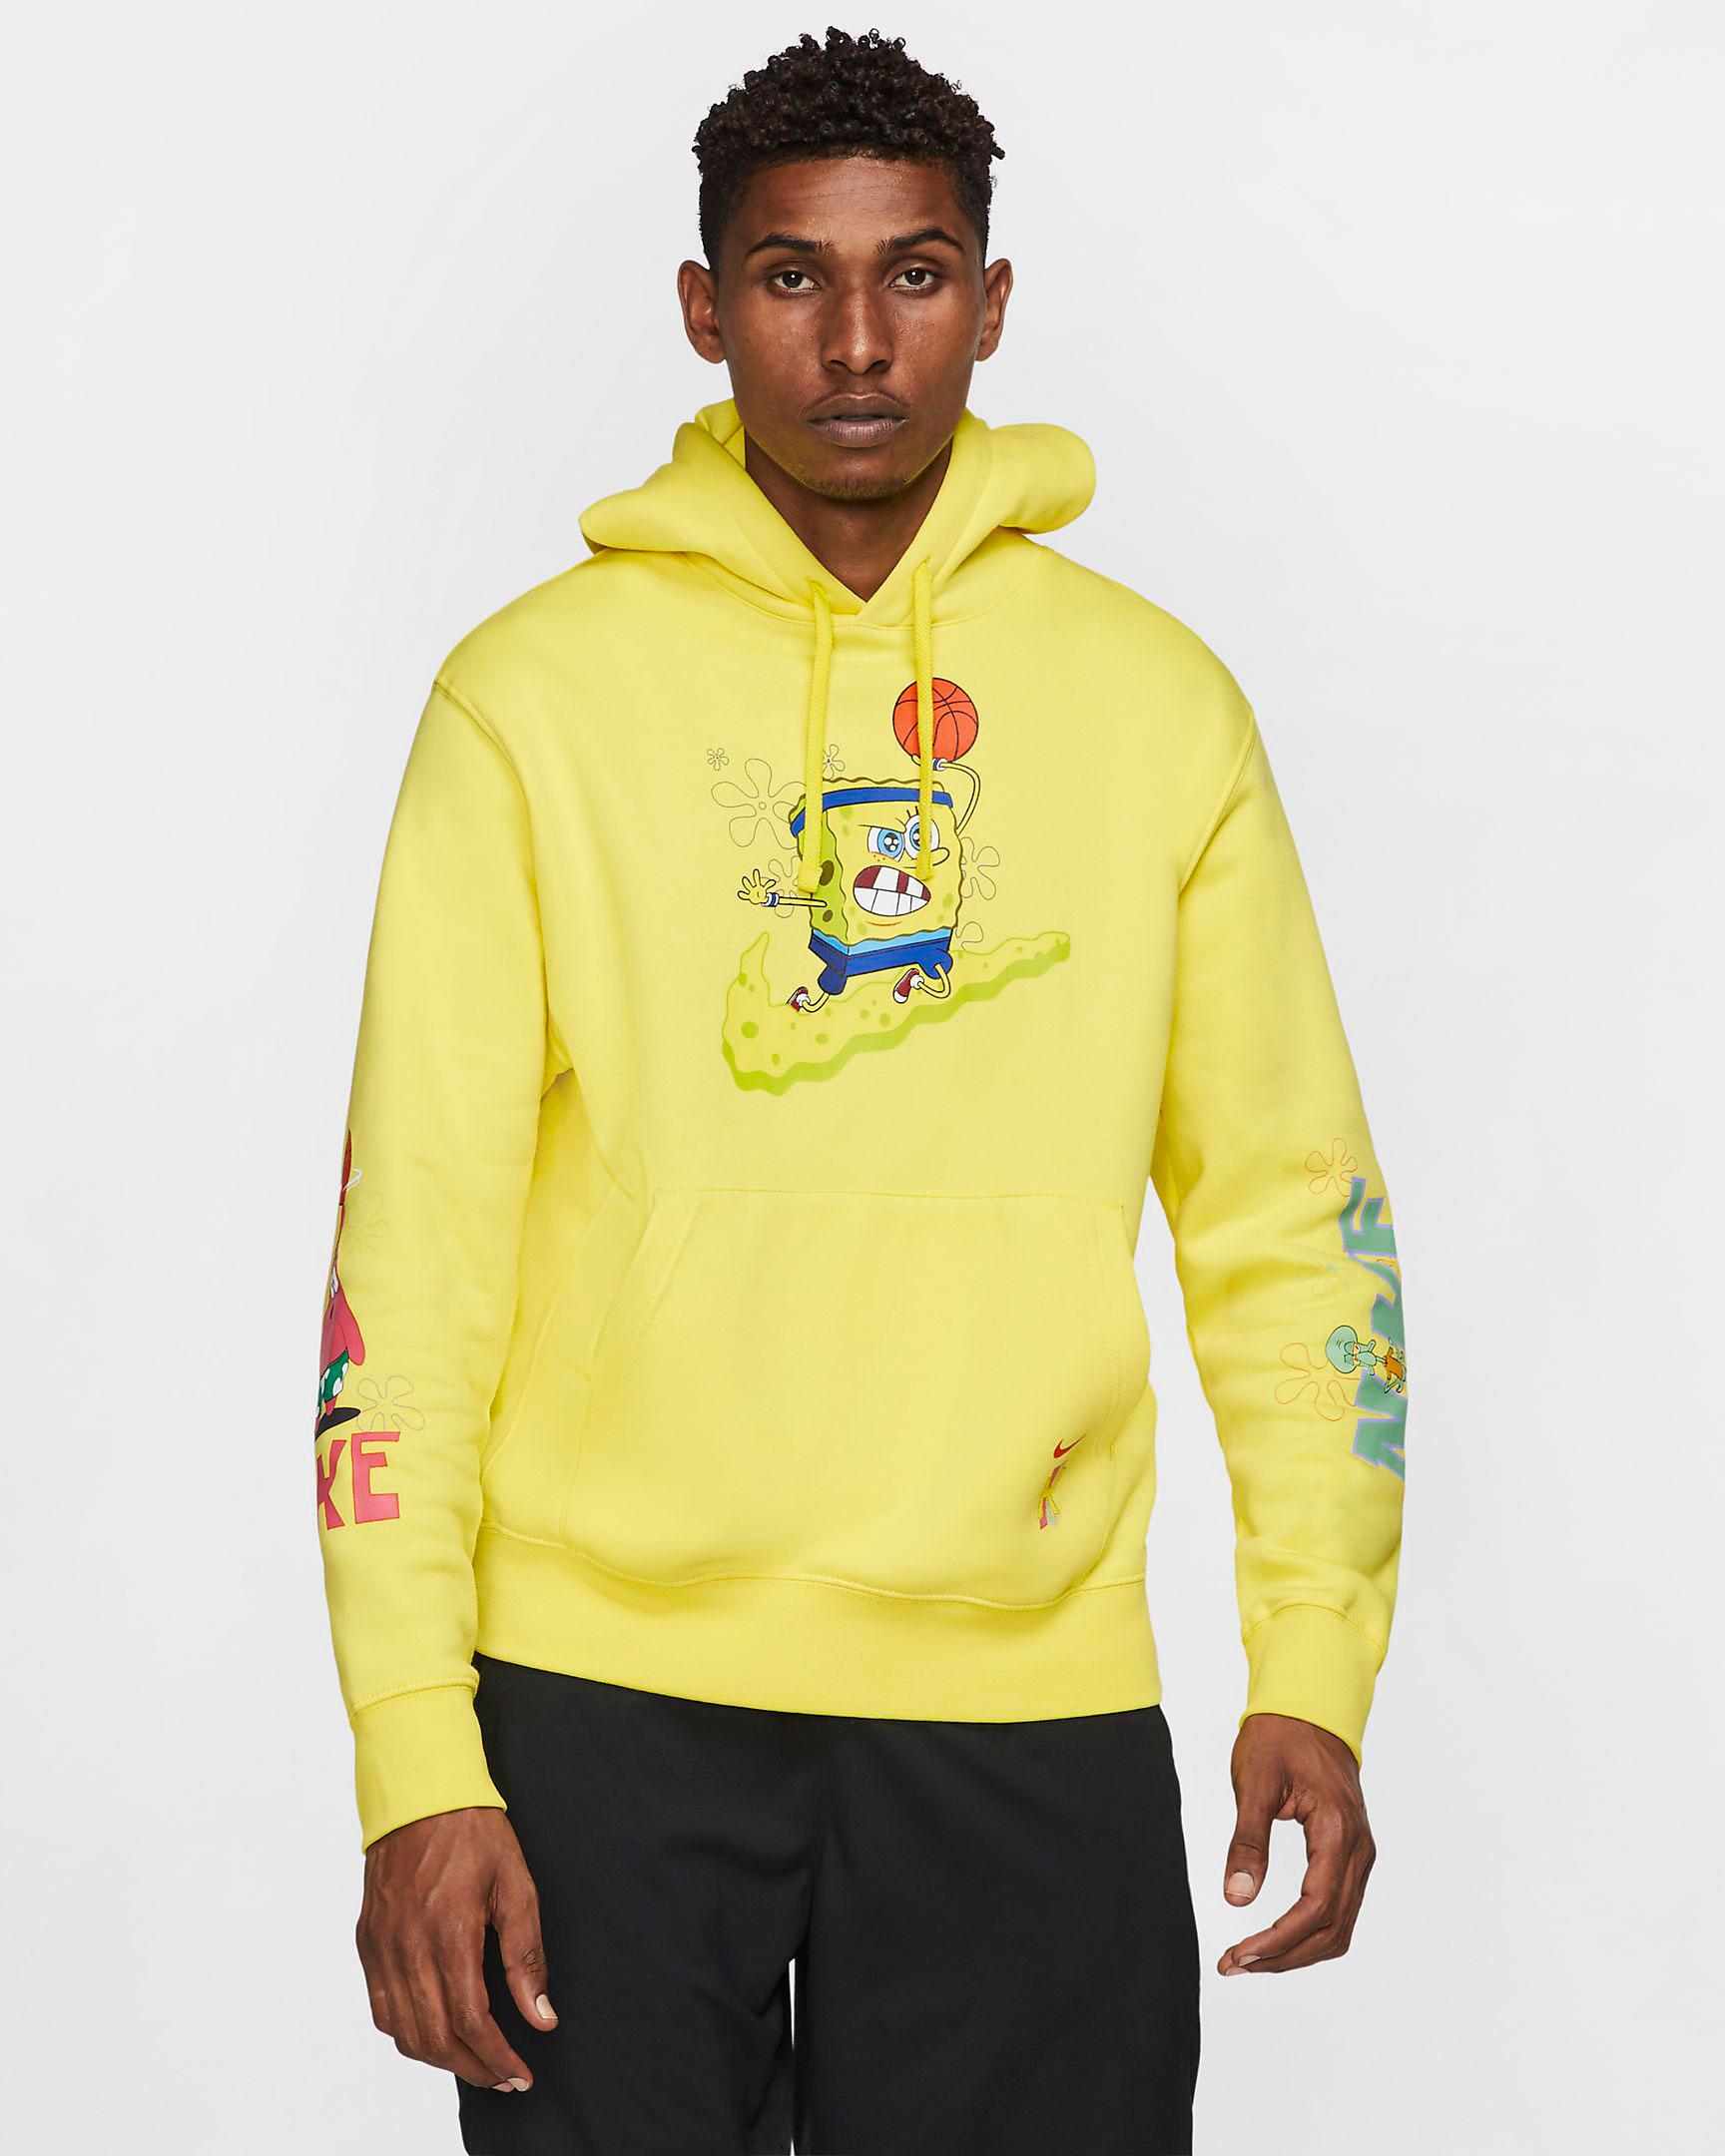 spongebob-kyrie-nike-hoodie-2